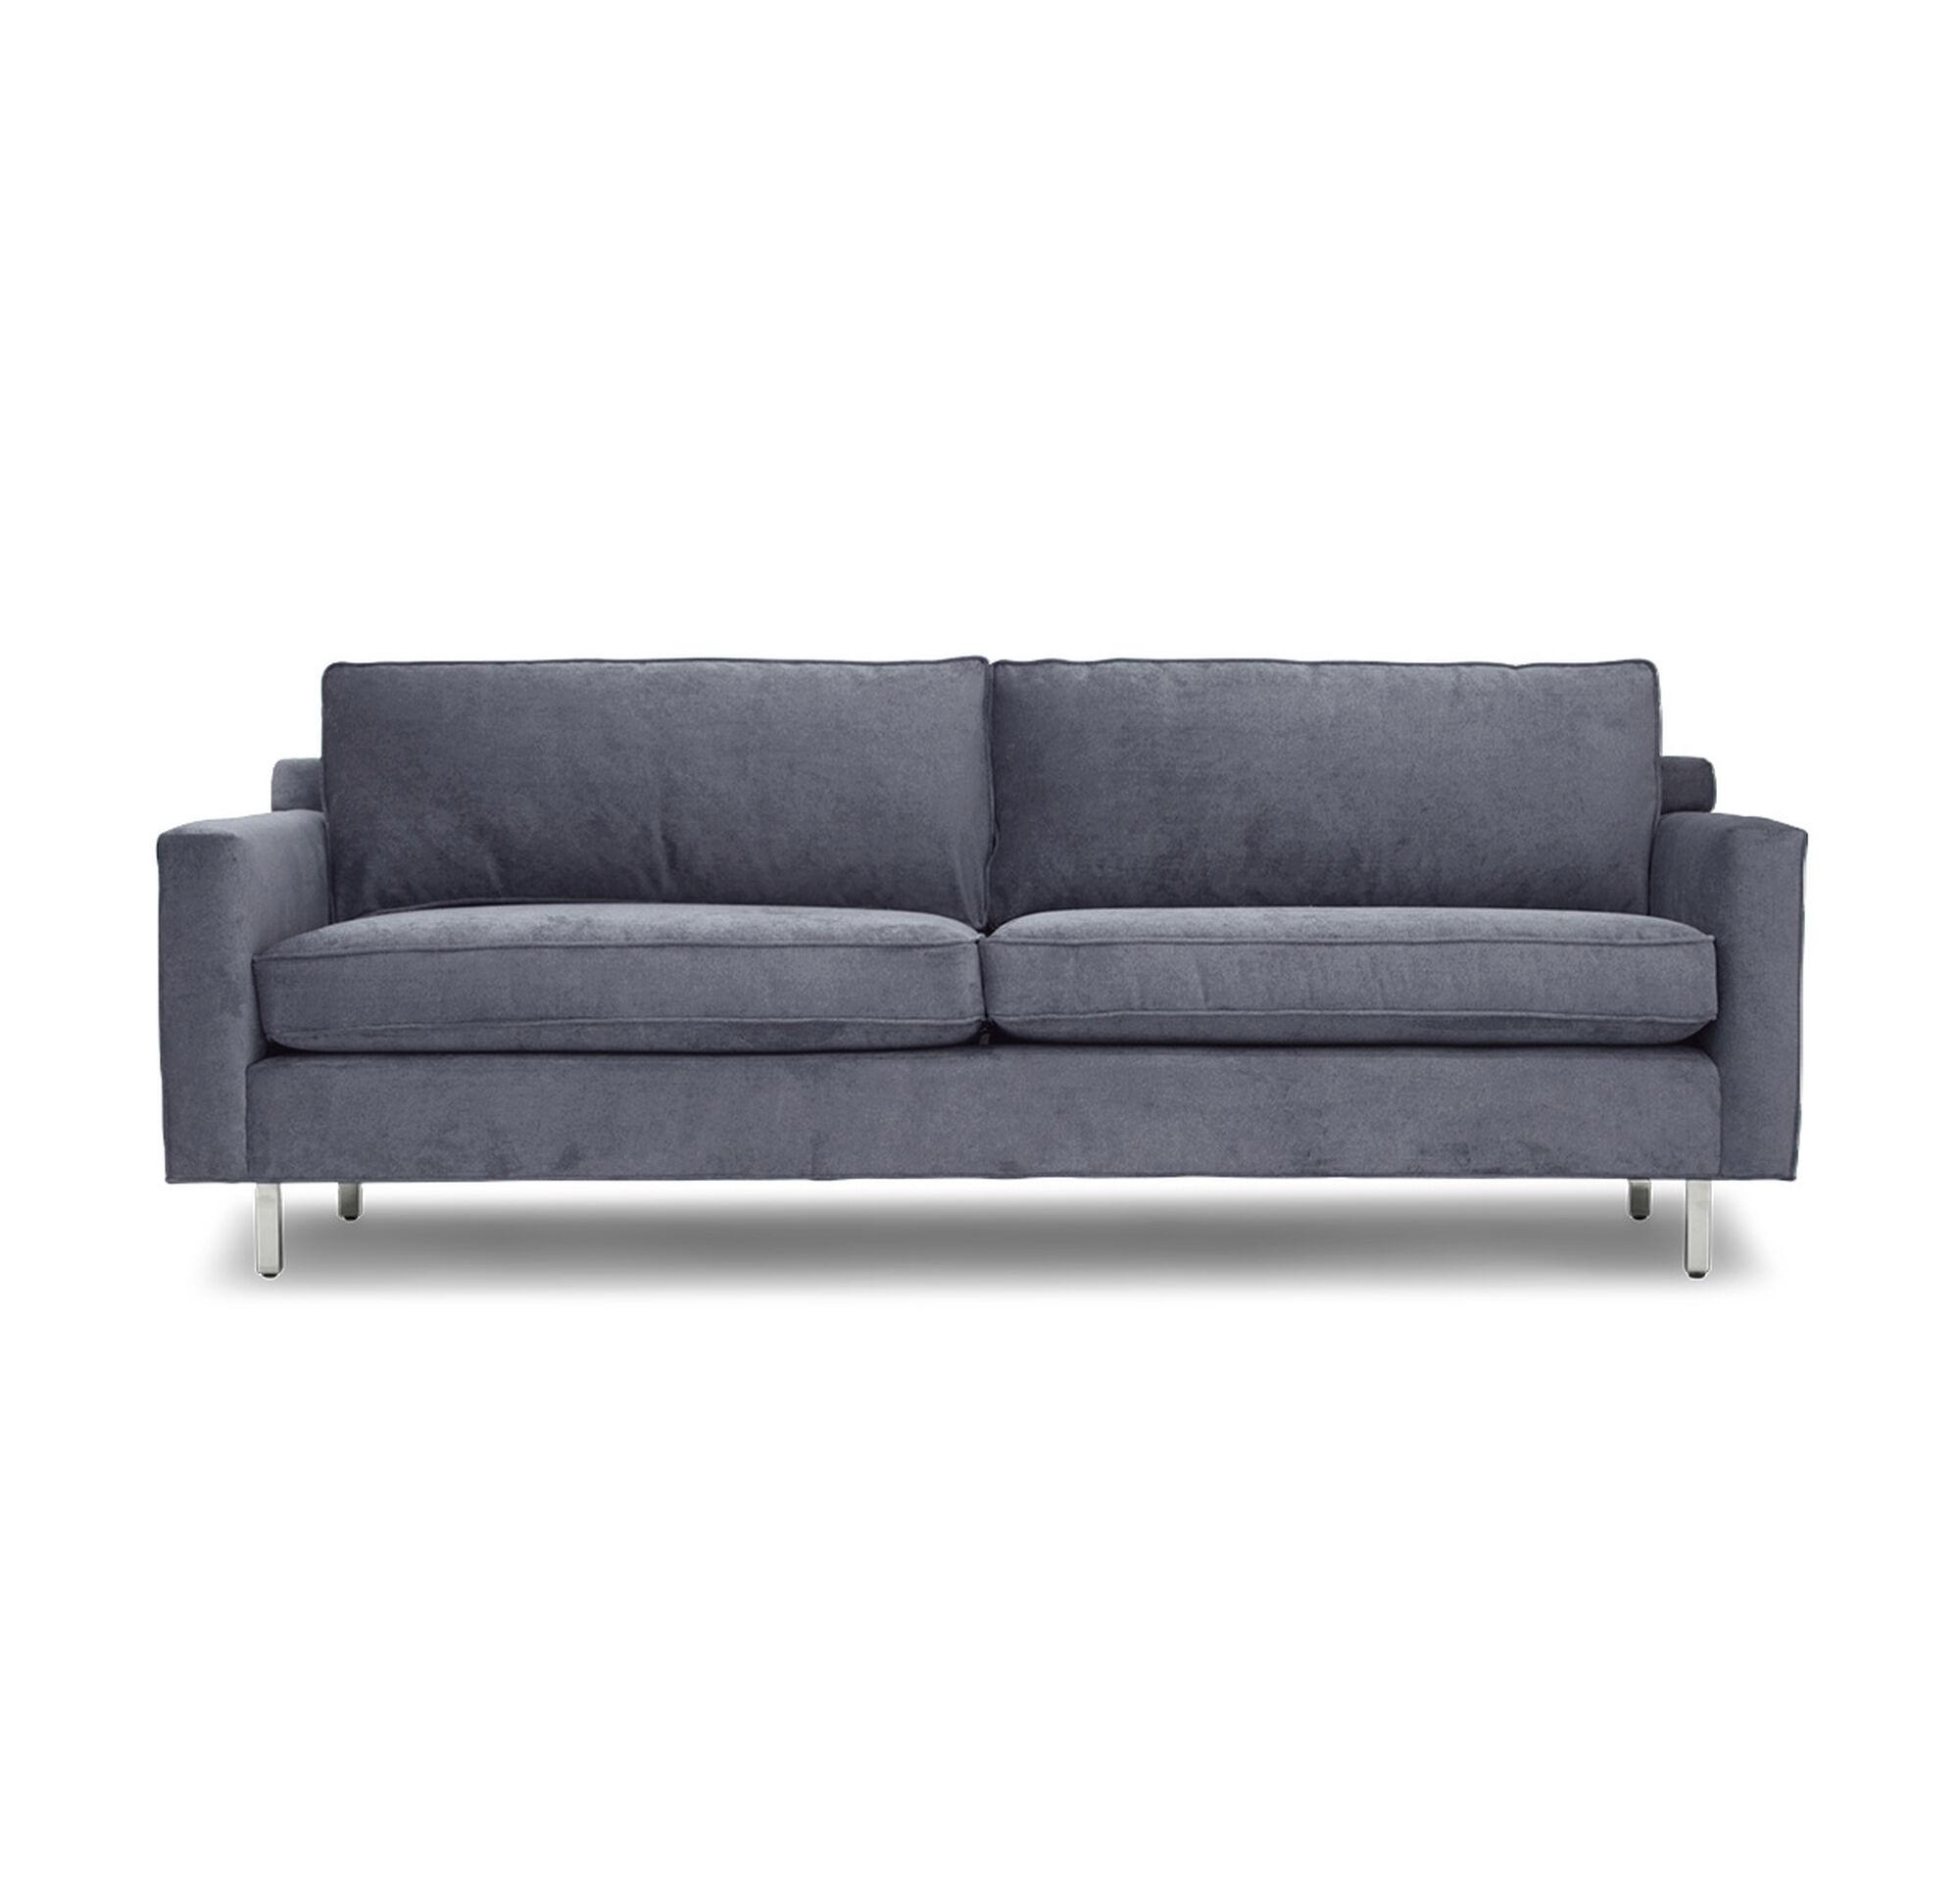 Hunter studio sofa hi res